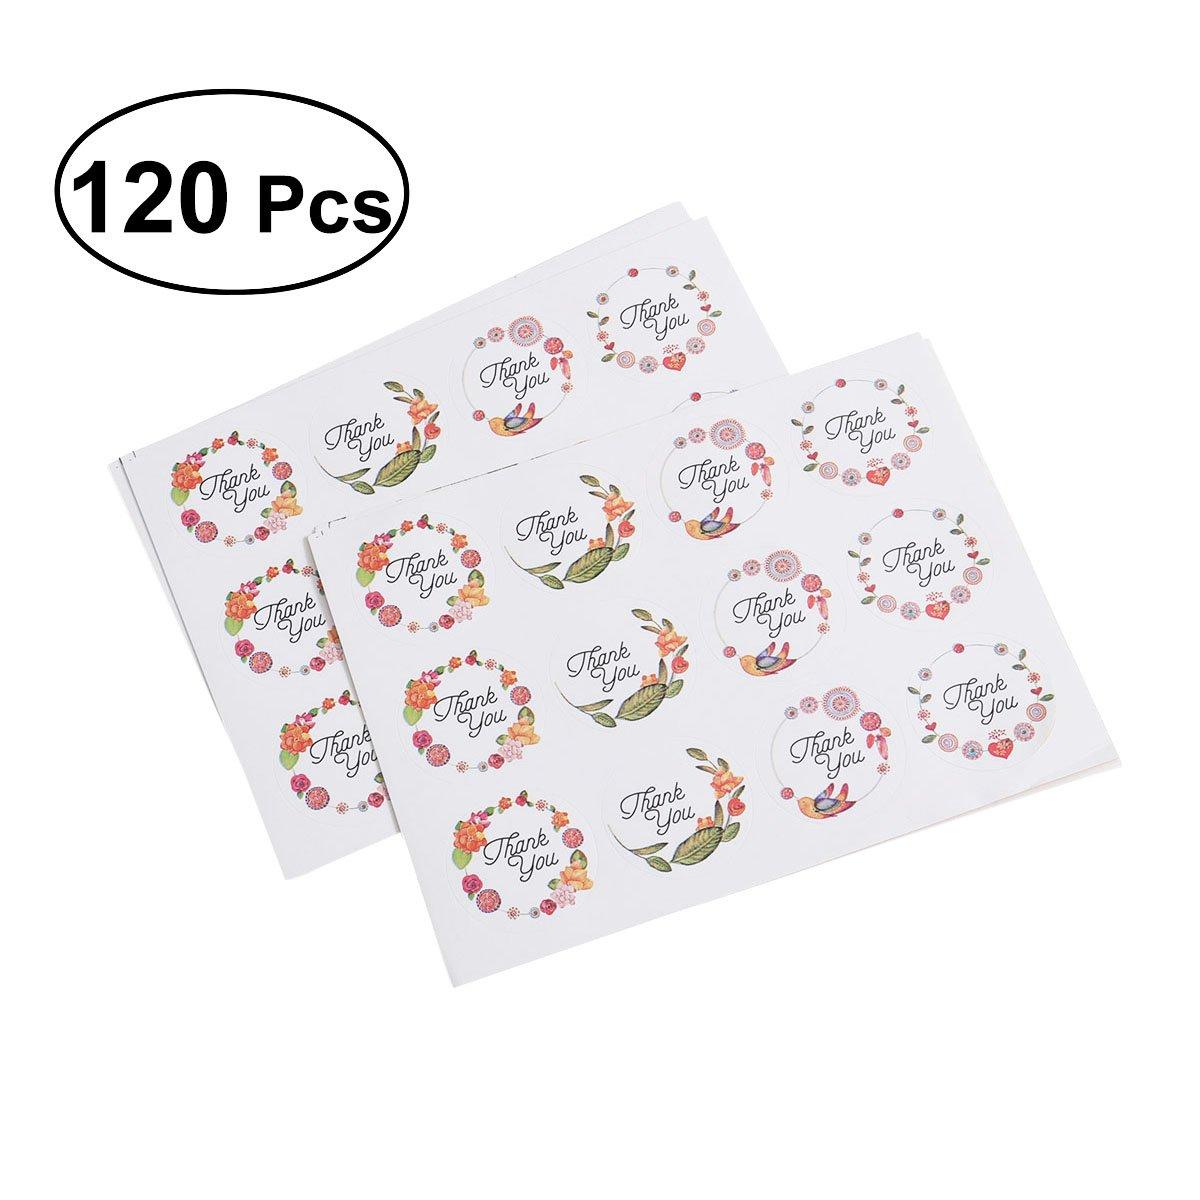 BESTOYARD 120pcs Gracias Etiquetas engomadas de Papel Etiquetas Adhesivas Redondas para los Regalos Que envuelven los Regalos de Boda